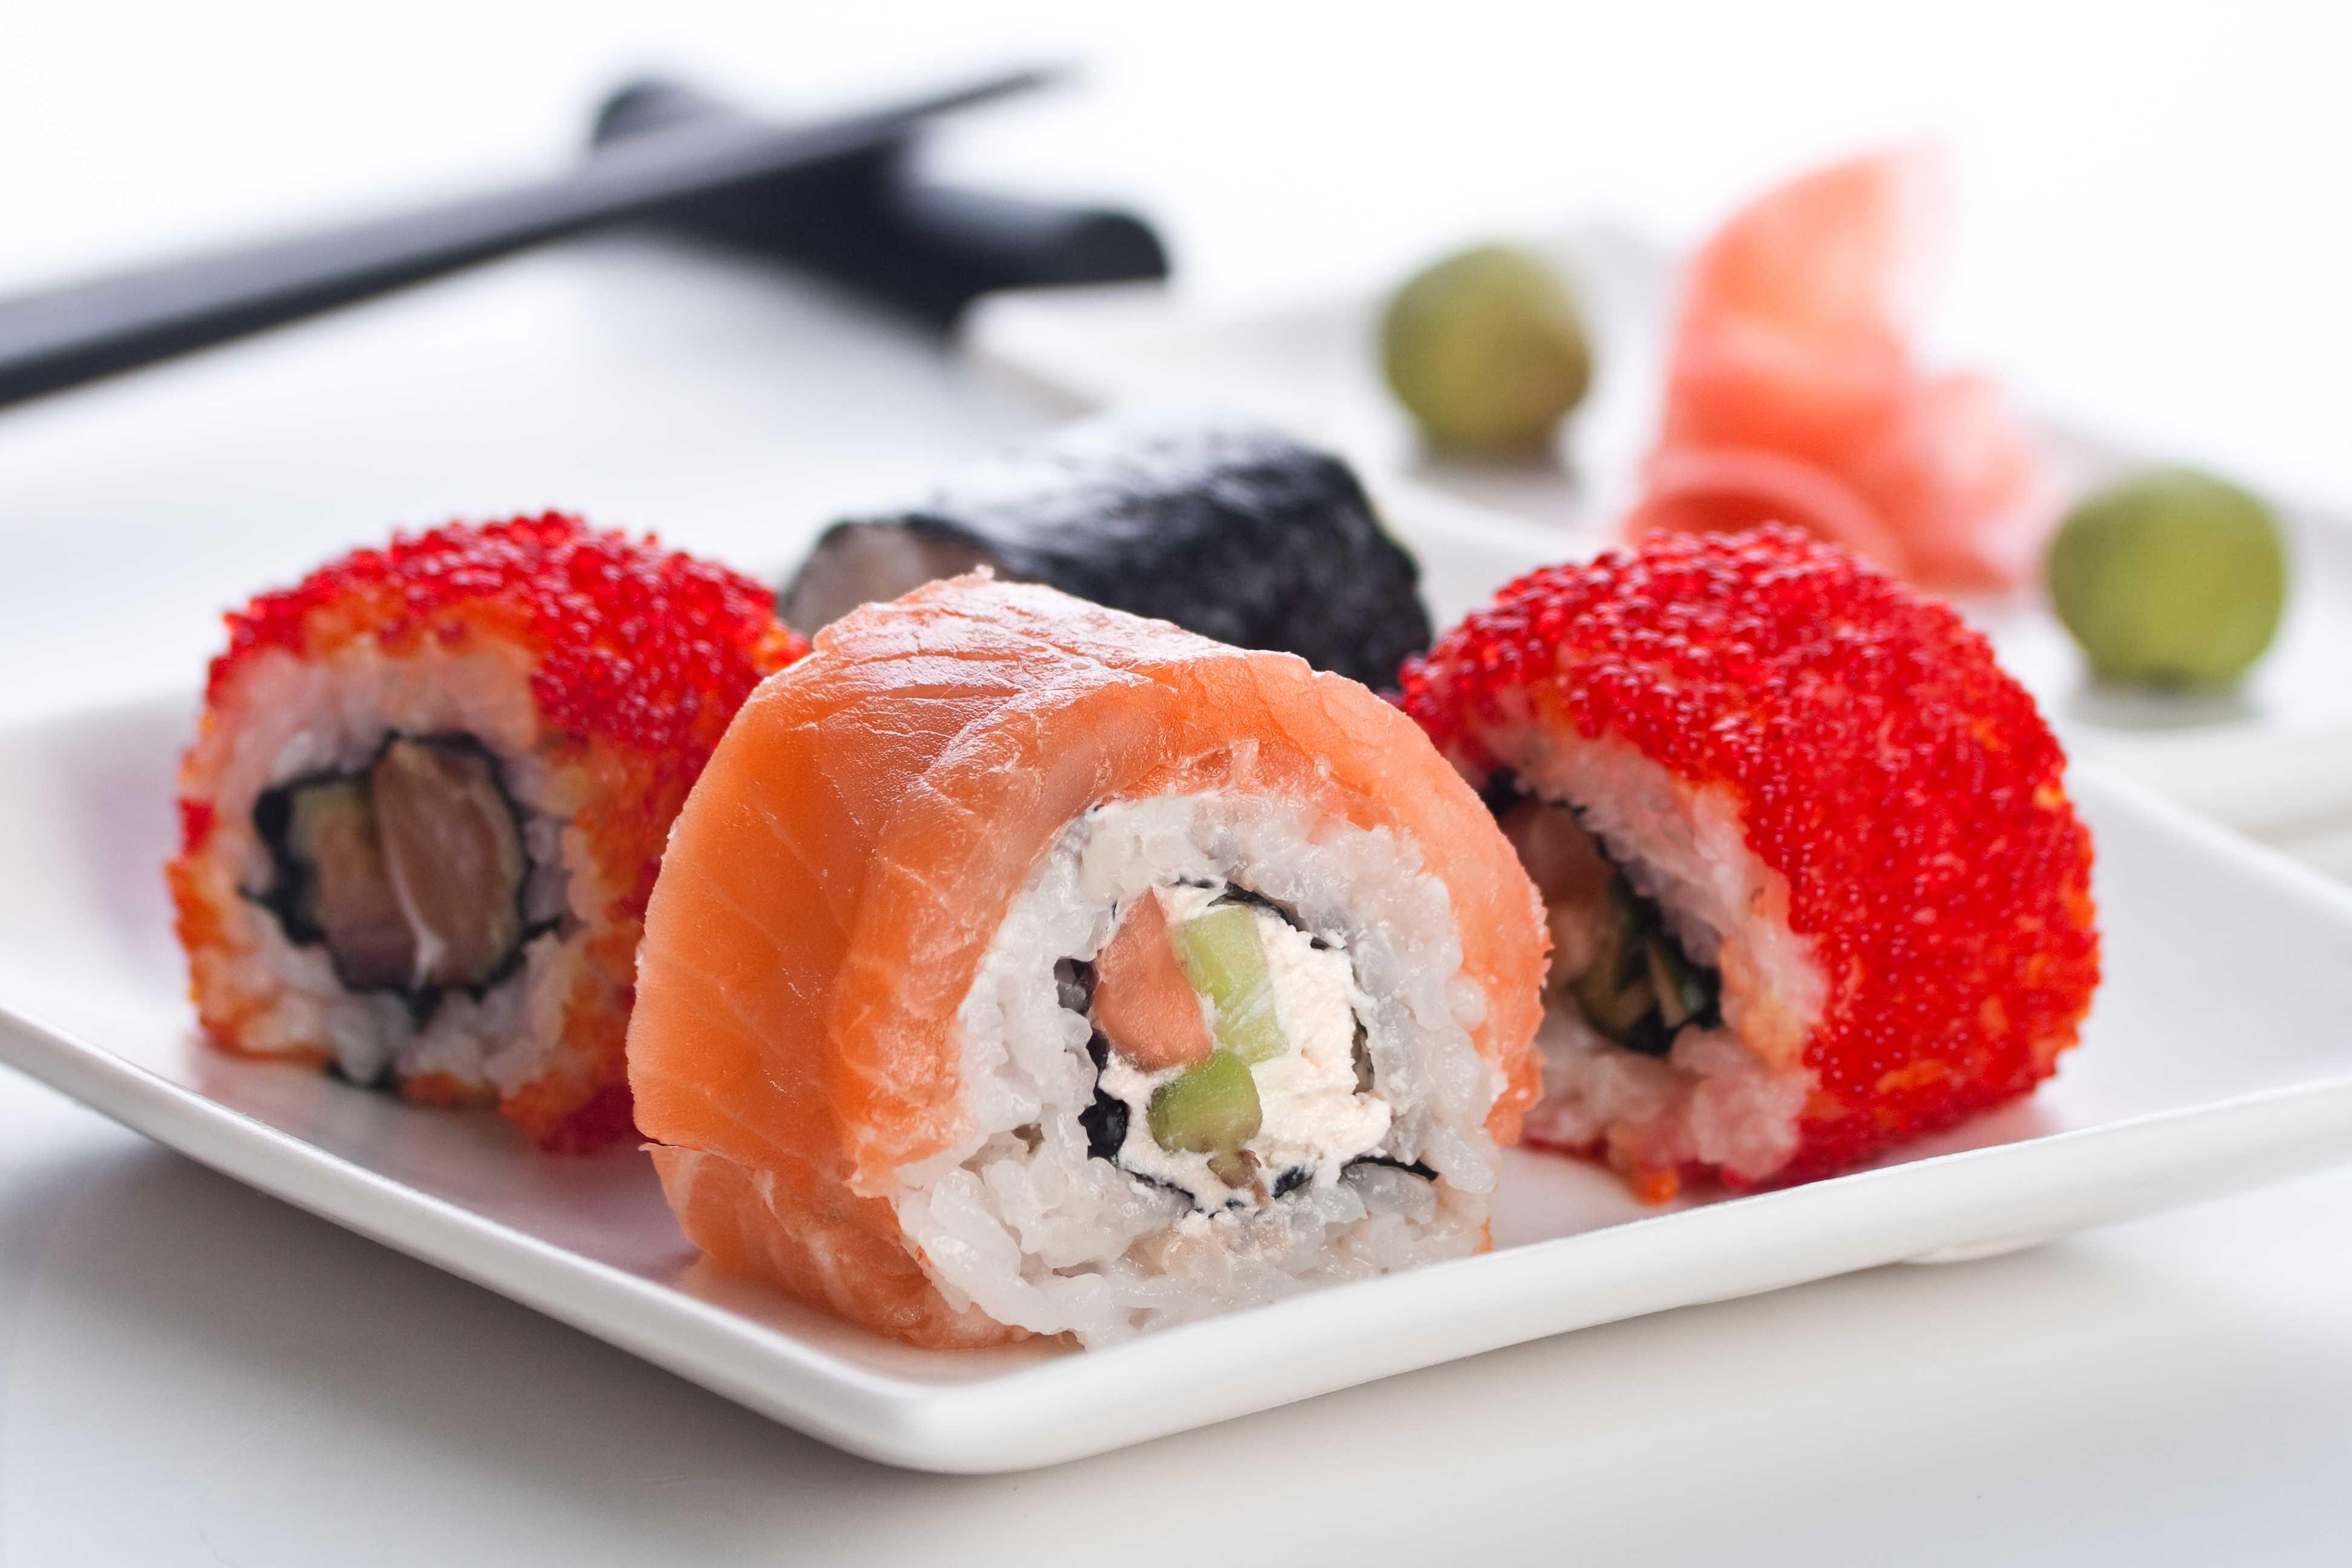 Bucataria internationala - sushi ar fi un exemplu pentru retete mai putin autohtone, dar apreciate.